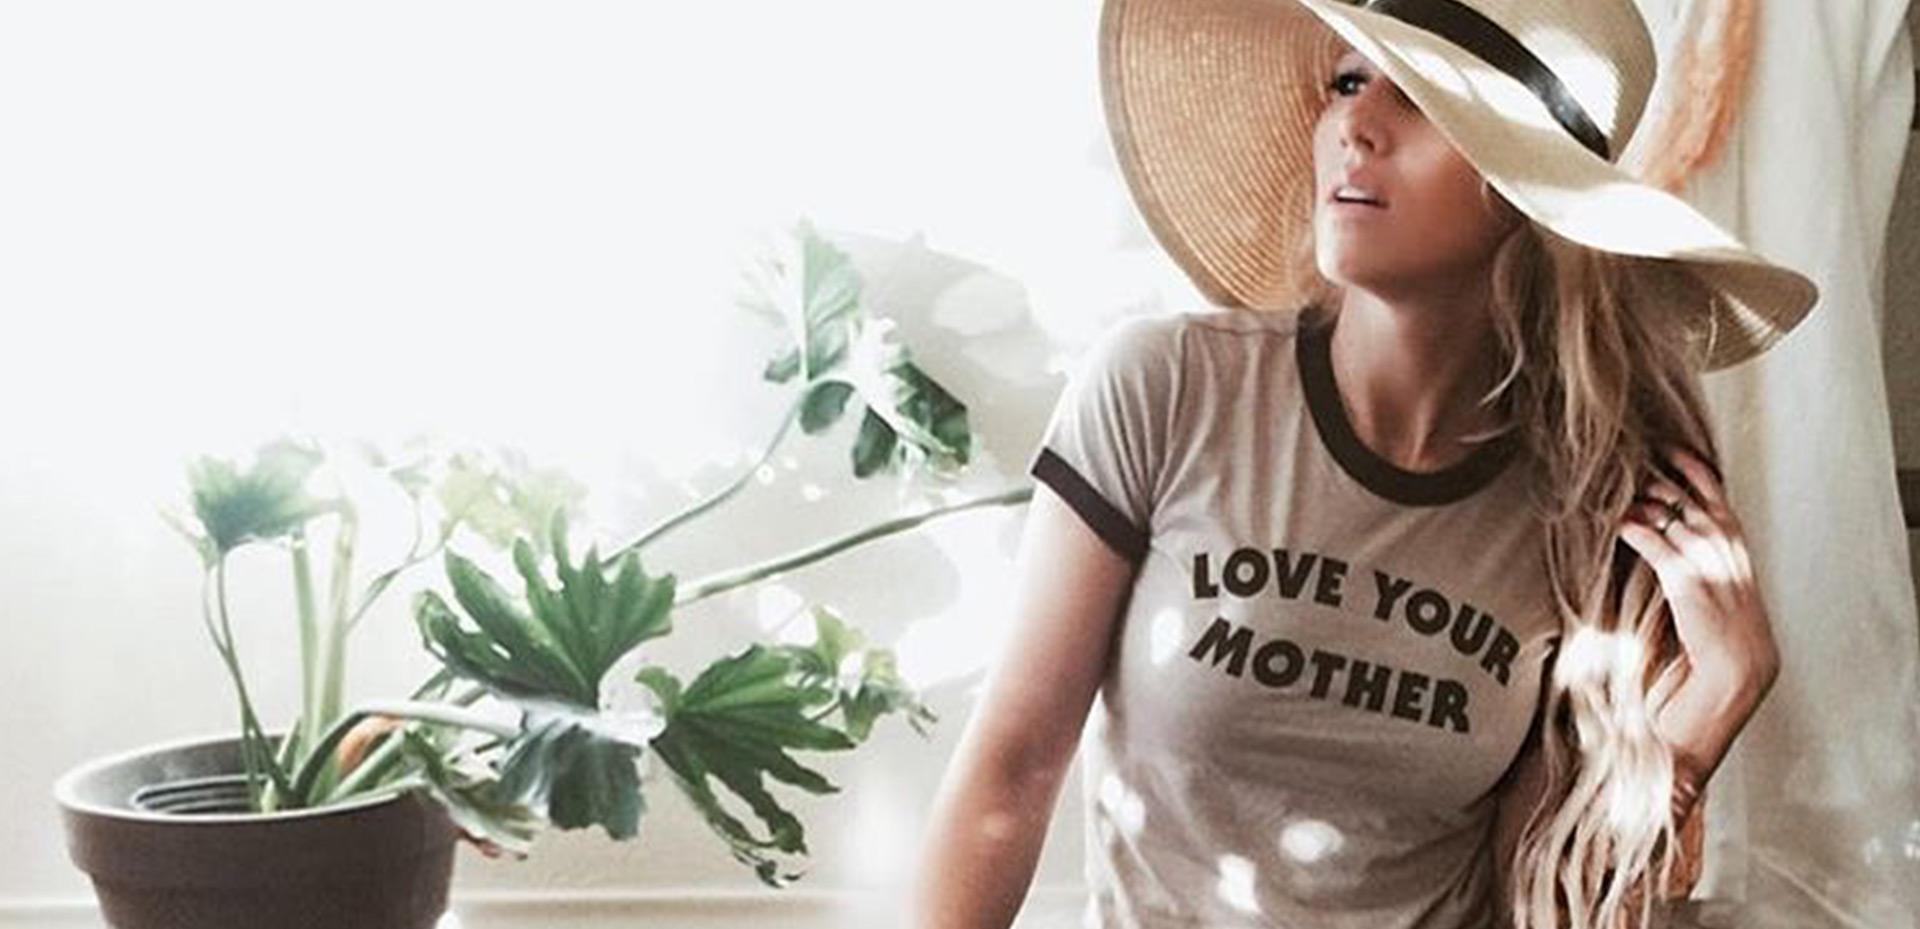 dp-blog-interview-thefoxandthebee-love-your-mother2